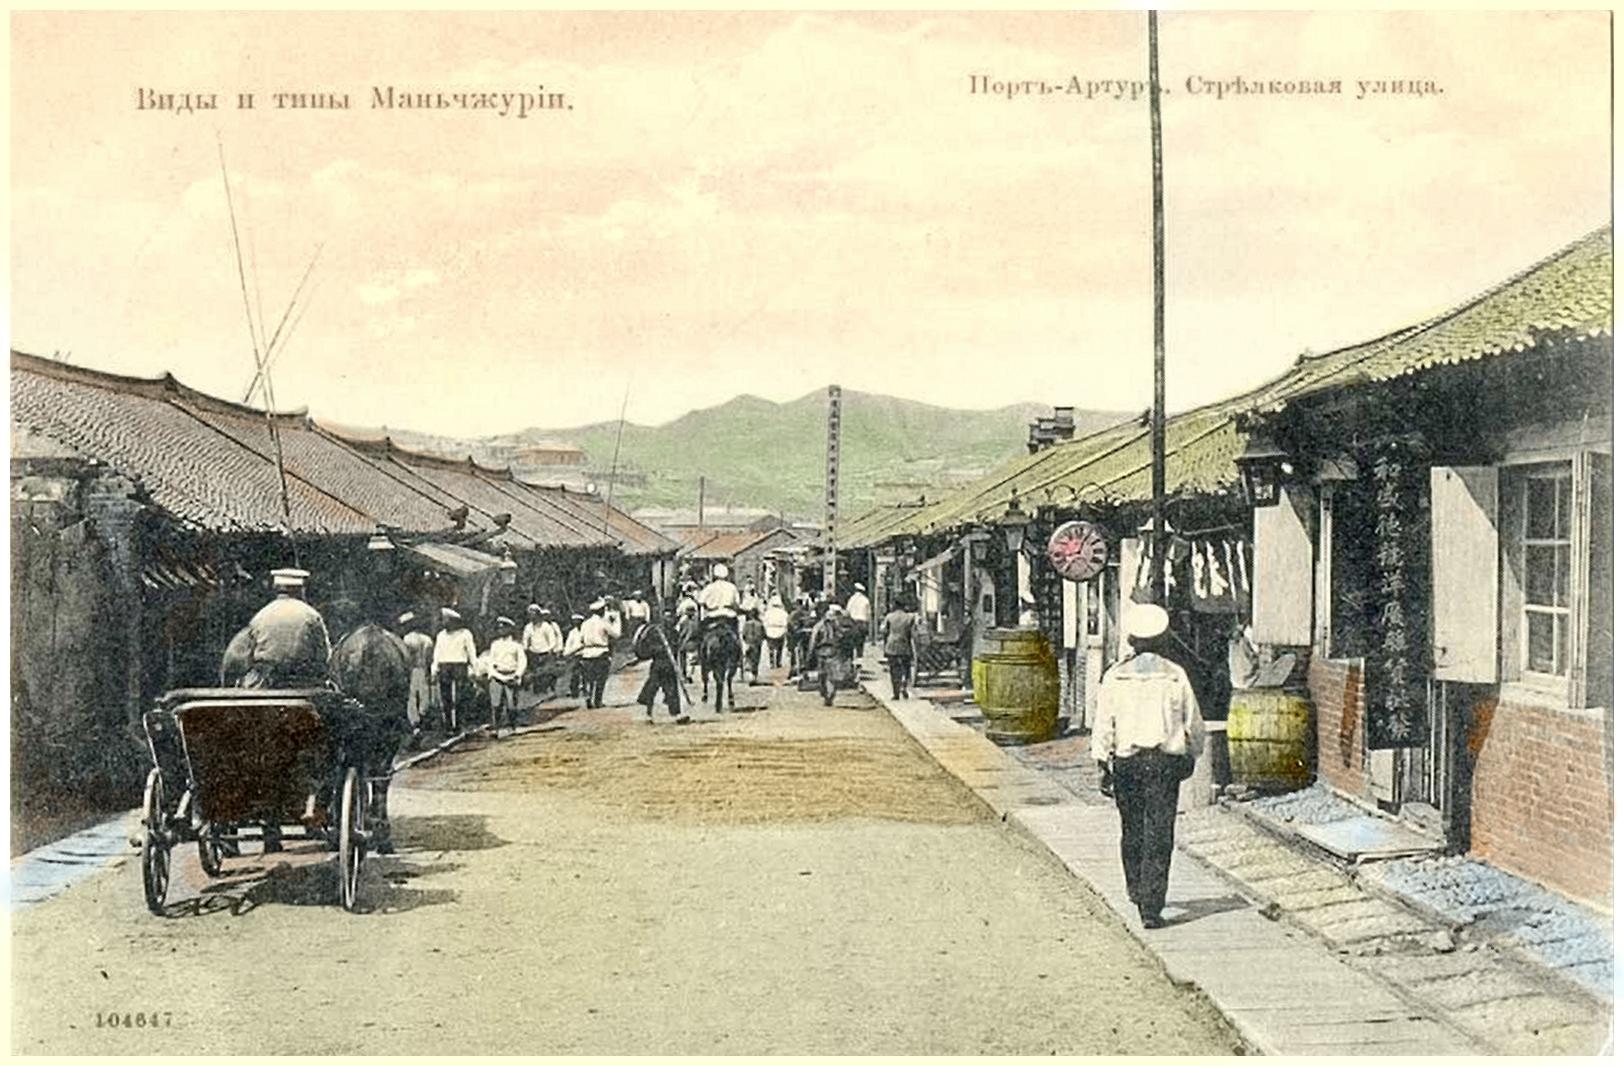 Стрелковая улица